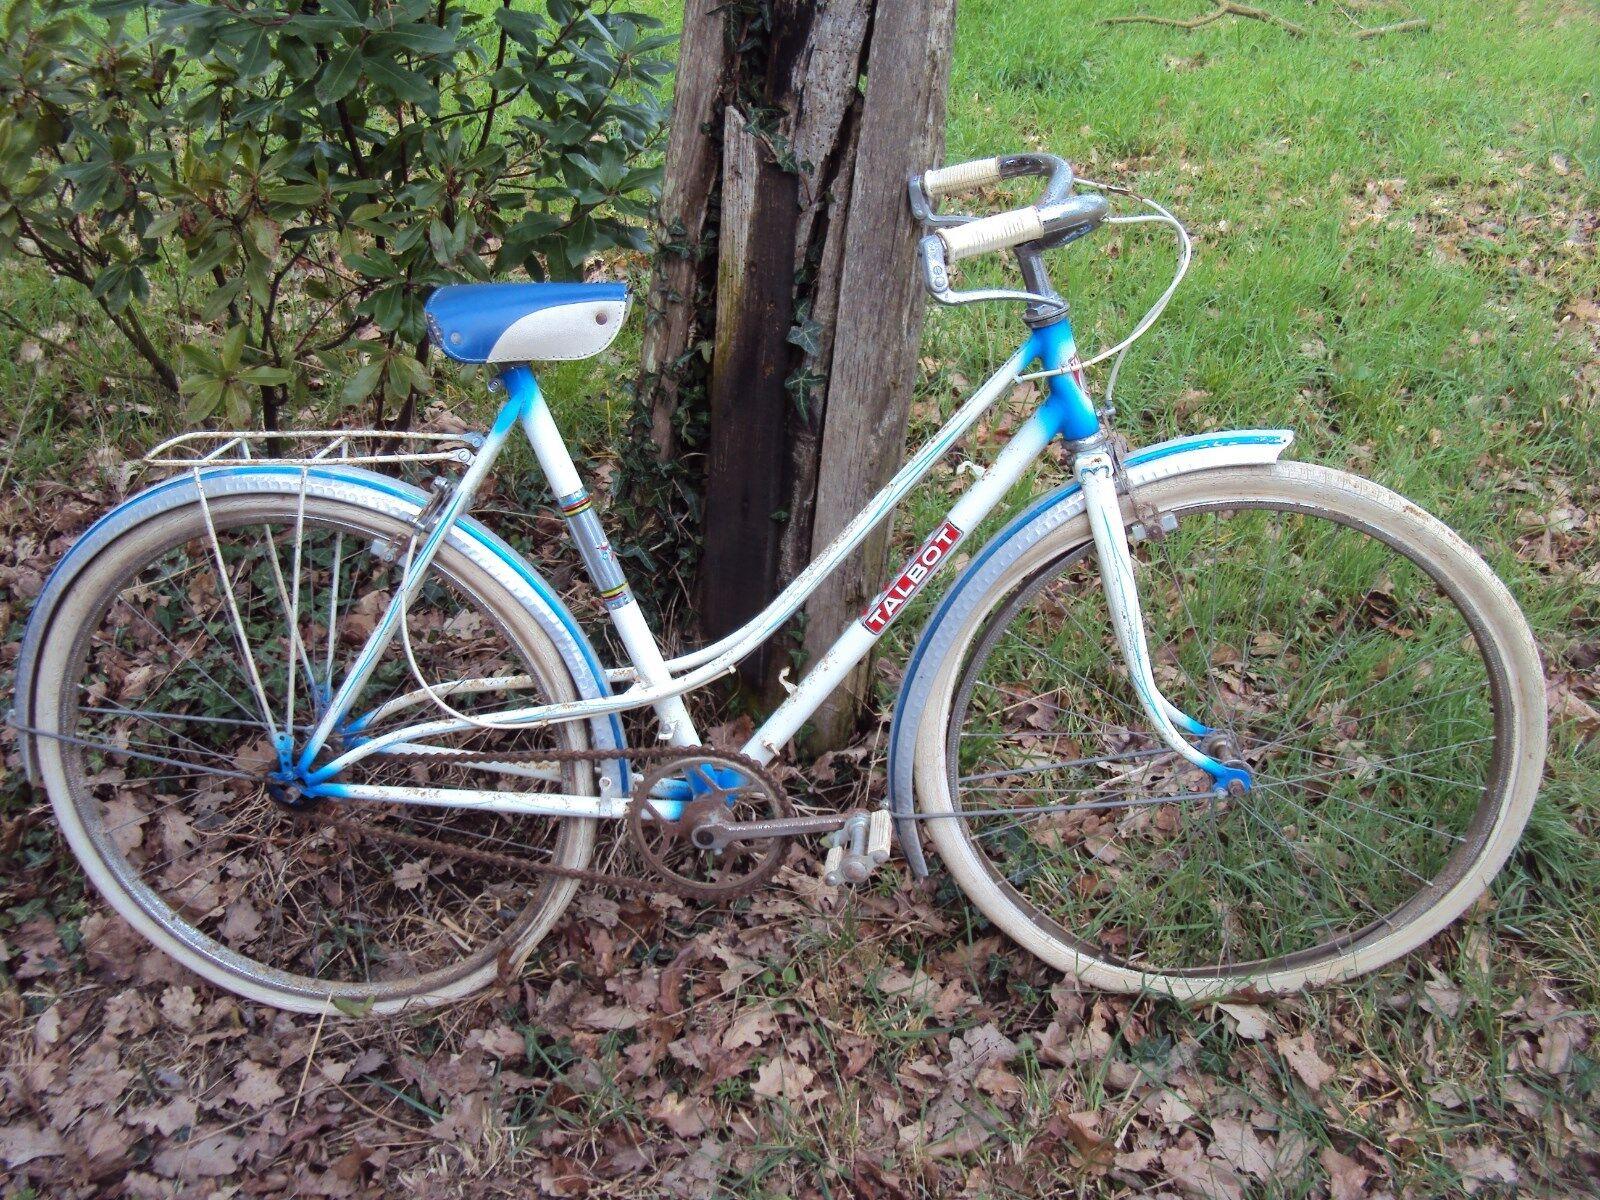 Bicicletta Lol Surprise 16 Pollici